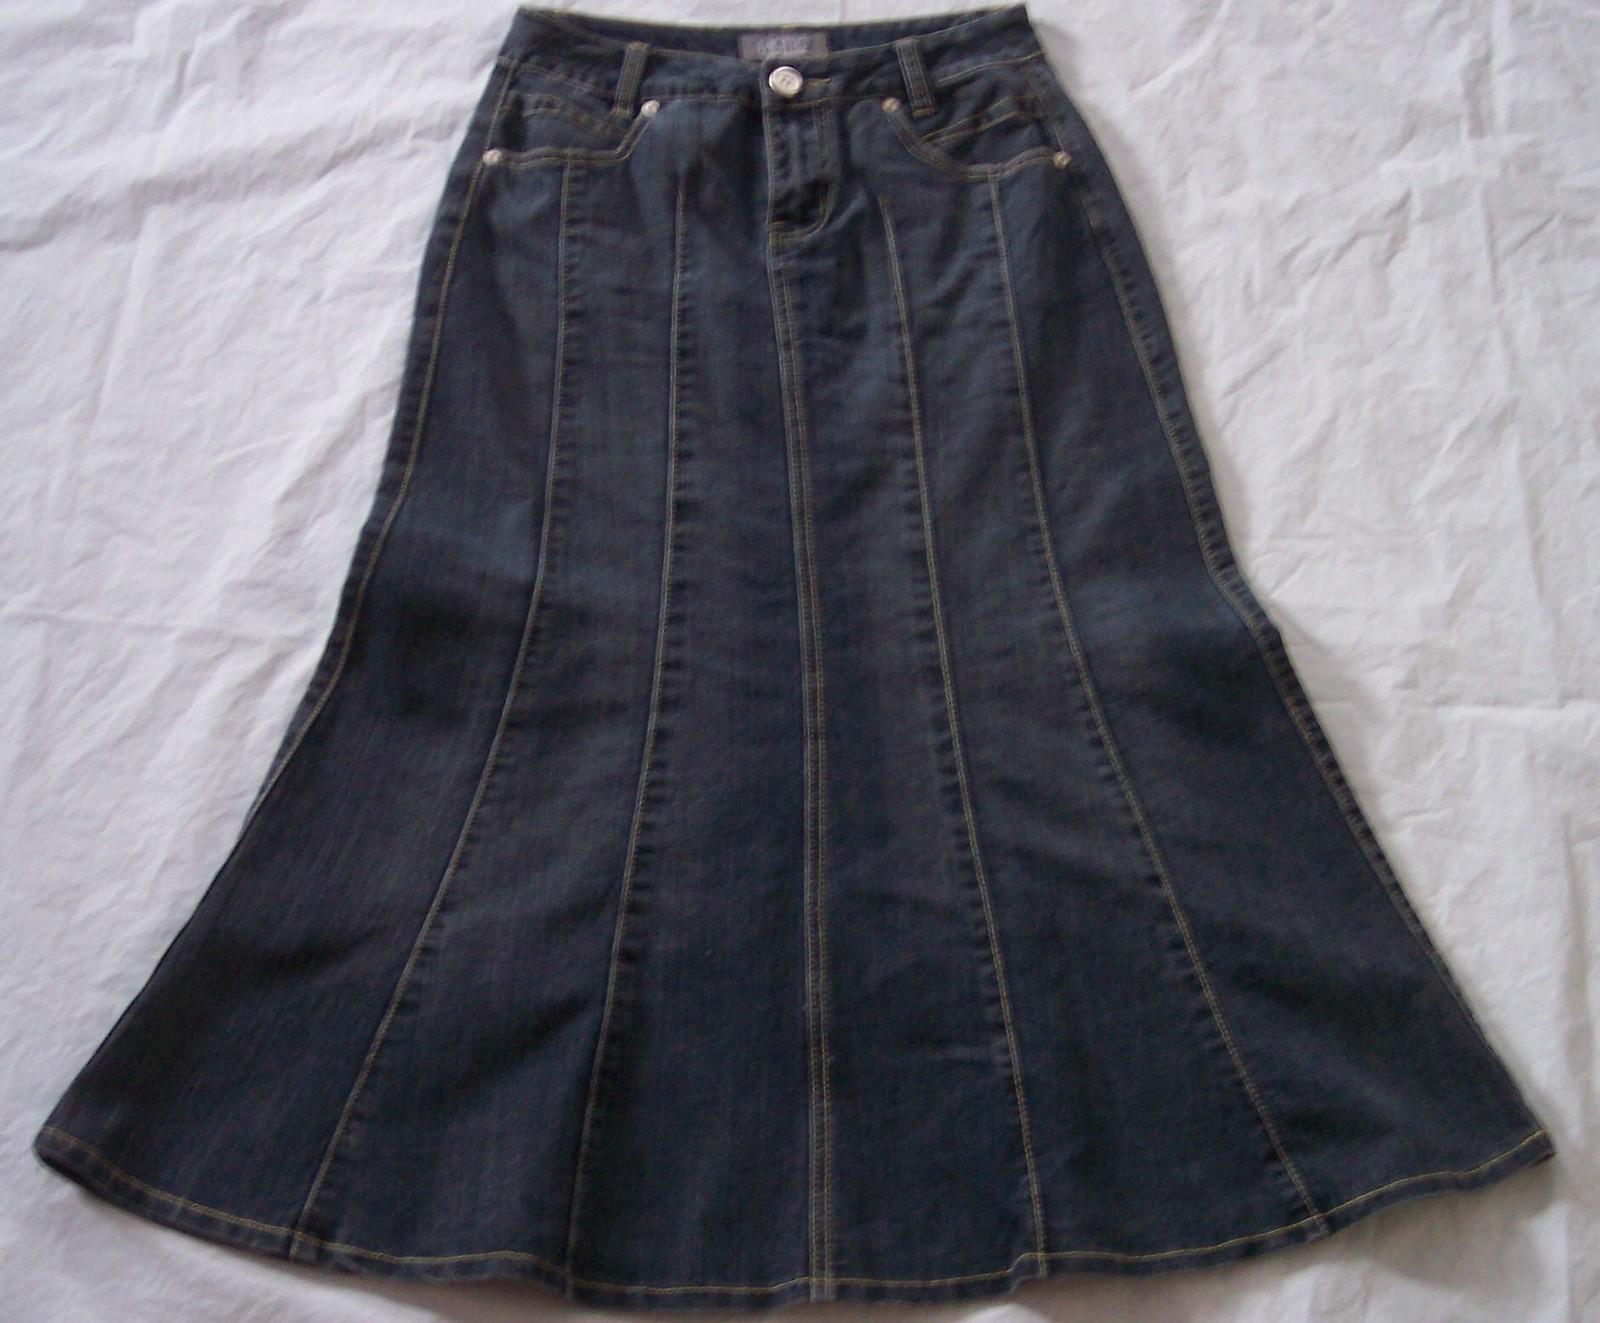 Size 4 Denim Skirt